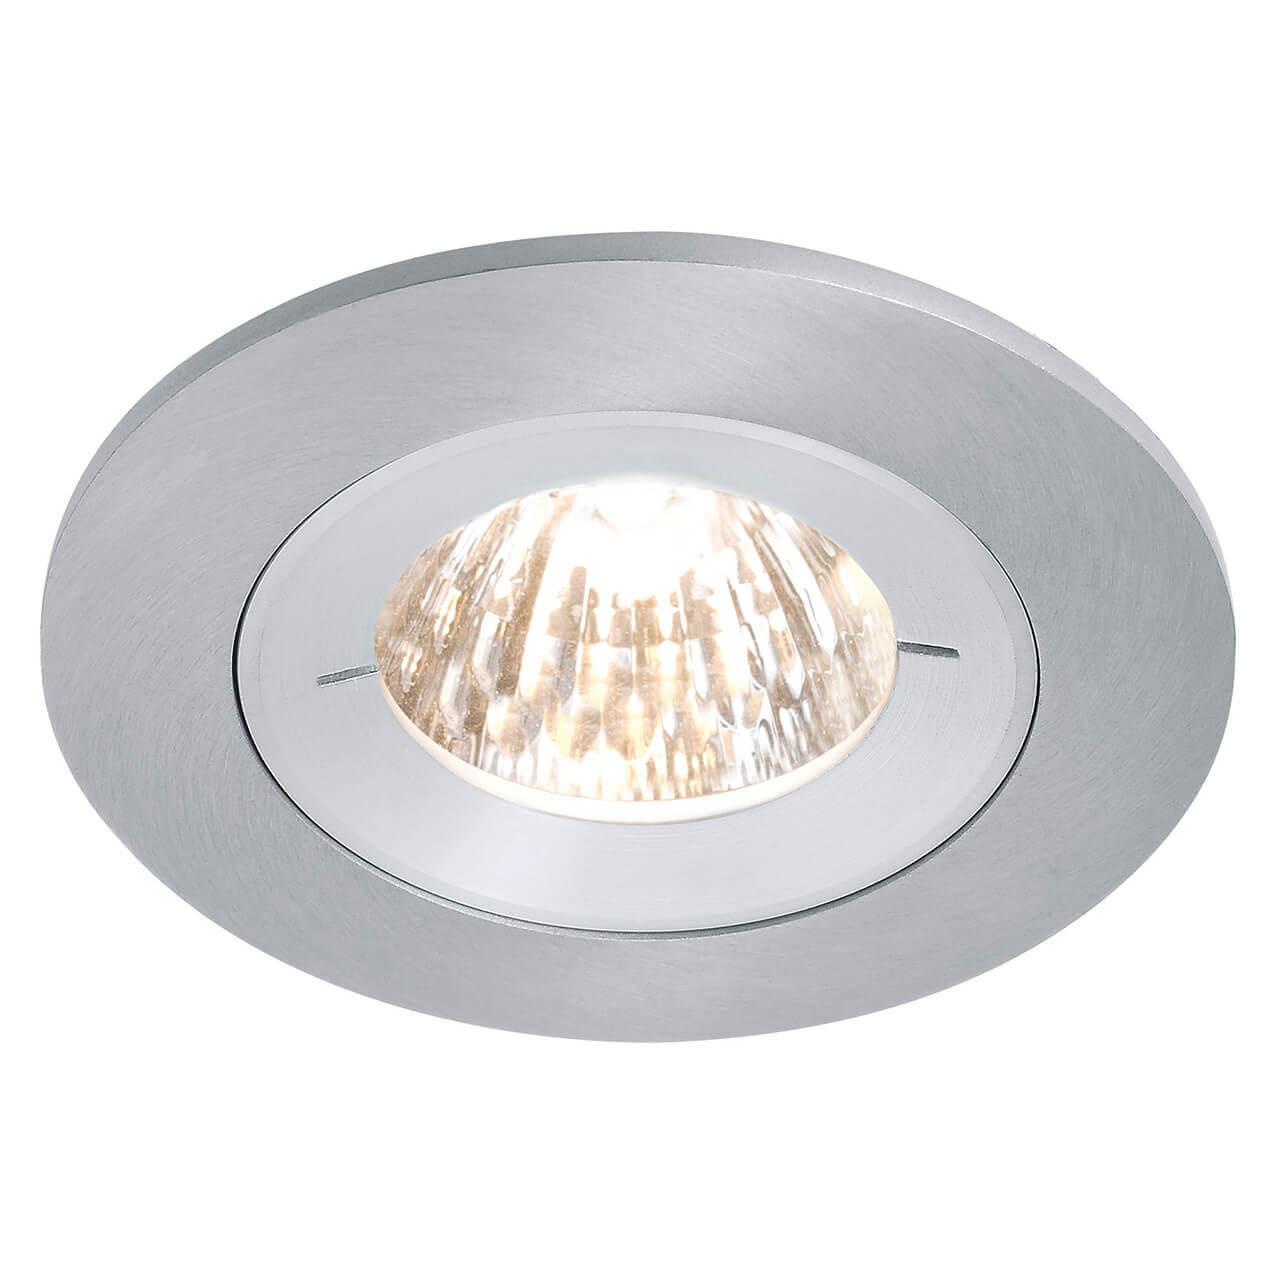 Уличный светильник Paulmann Premium Line IP65 99807